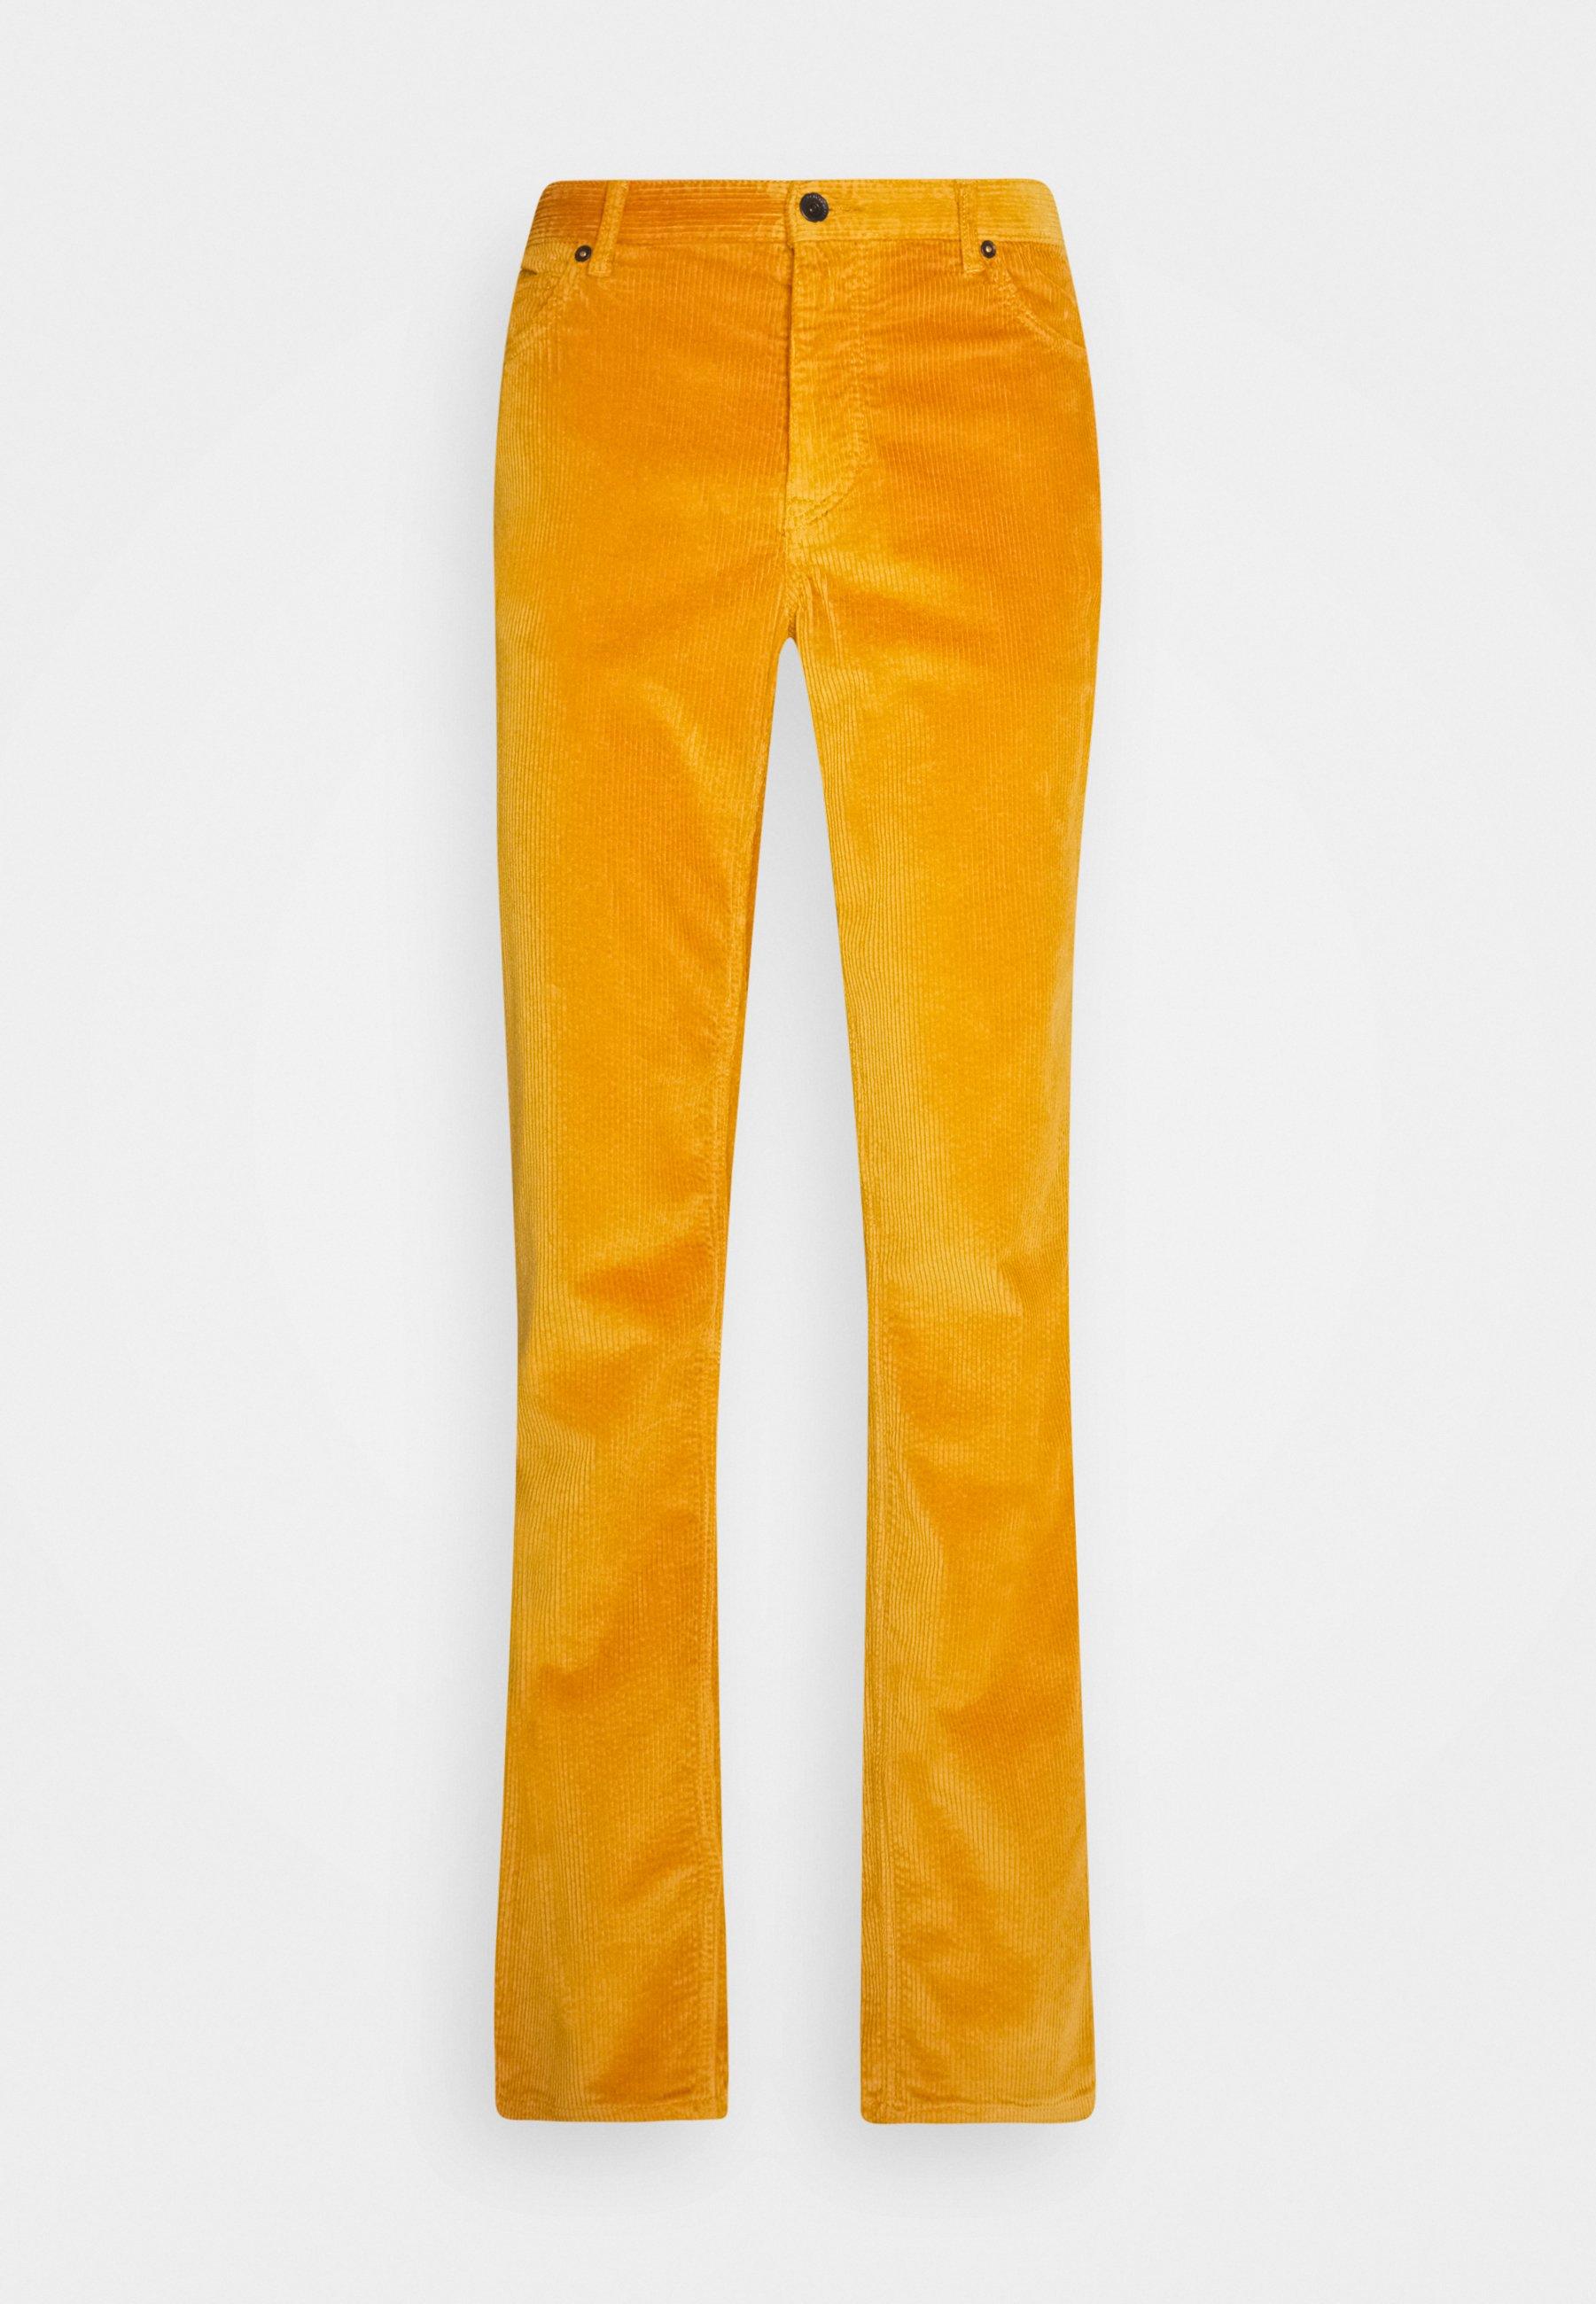 Gule Bukser & shorts | Herre | Nye klær på nett hos Zalando